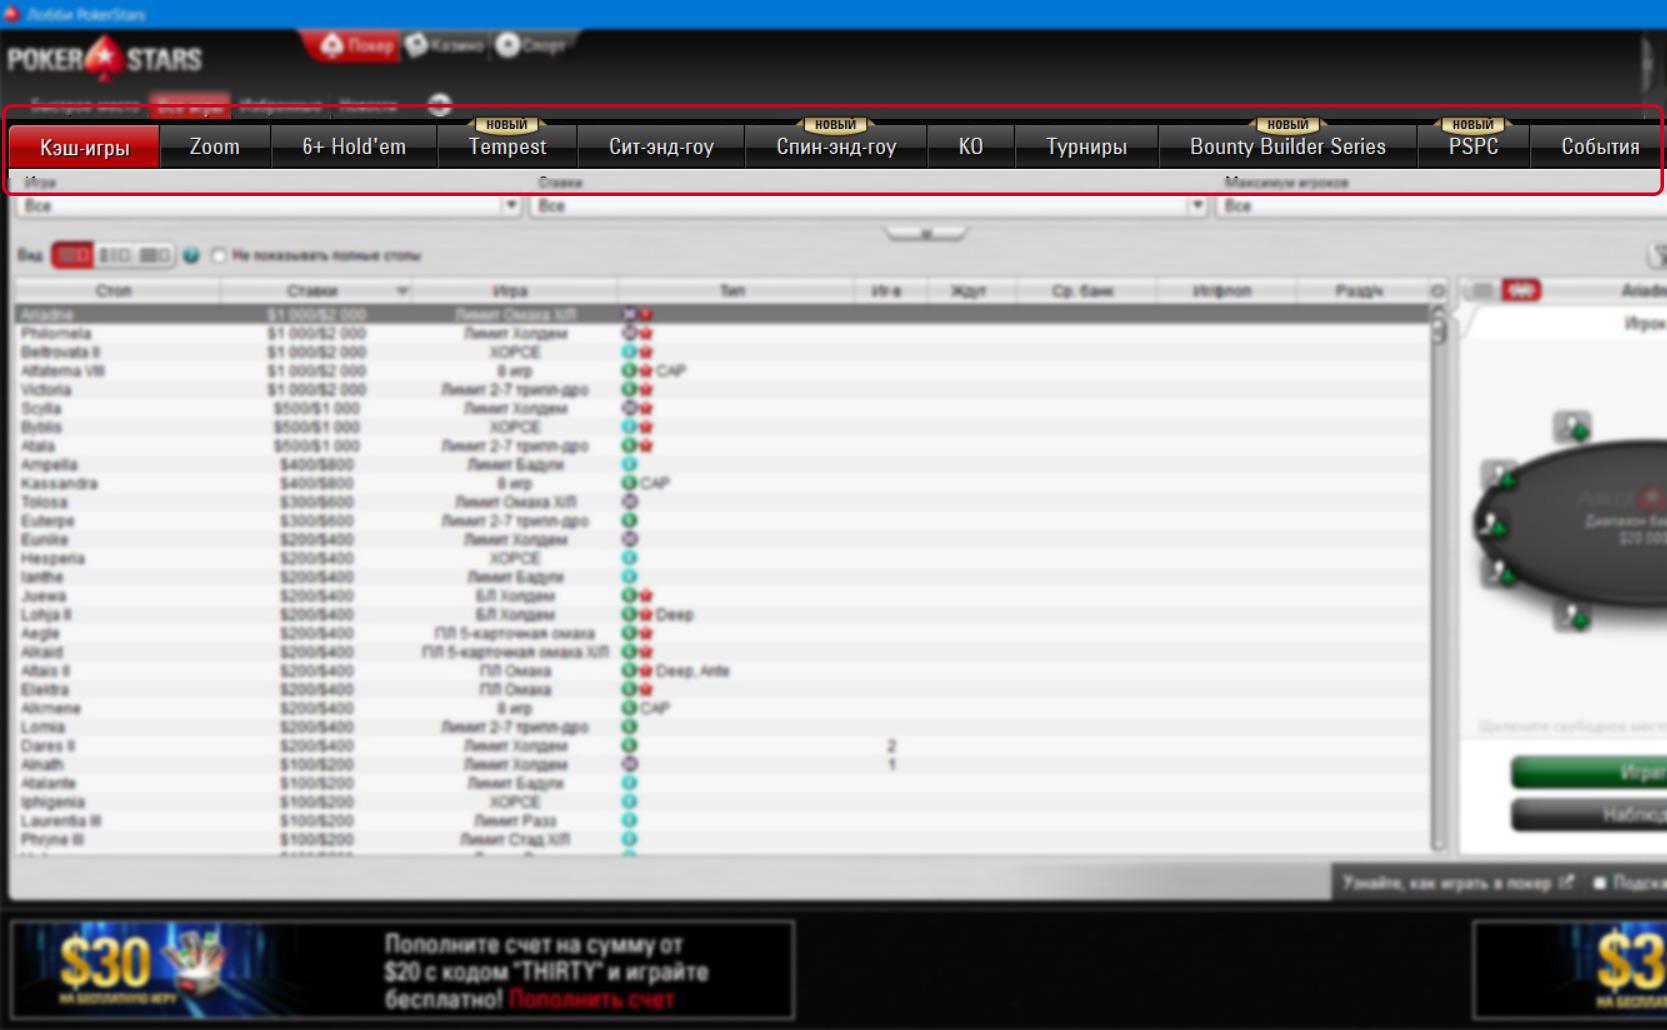 Турнирыв в лобби десктопного клиента рума PokerStars.